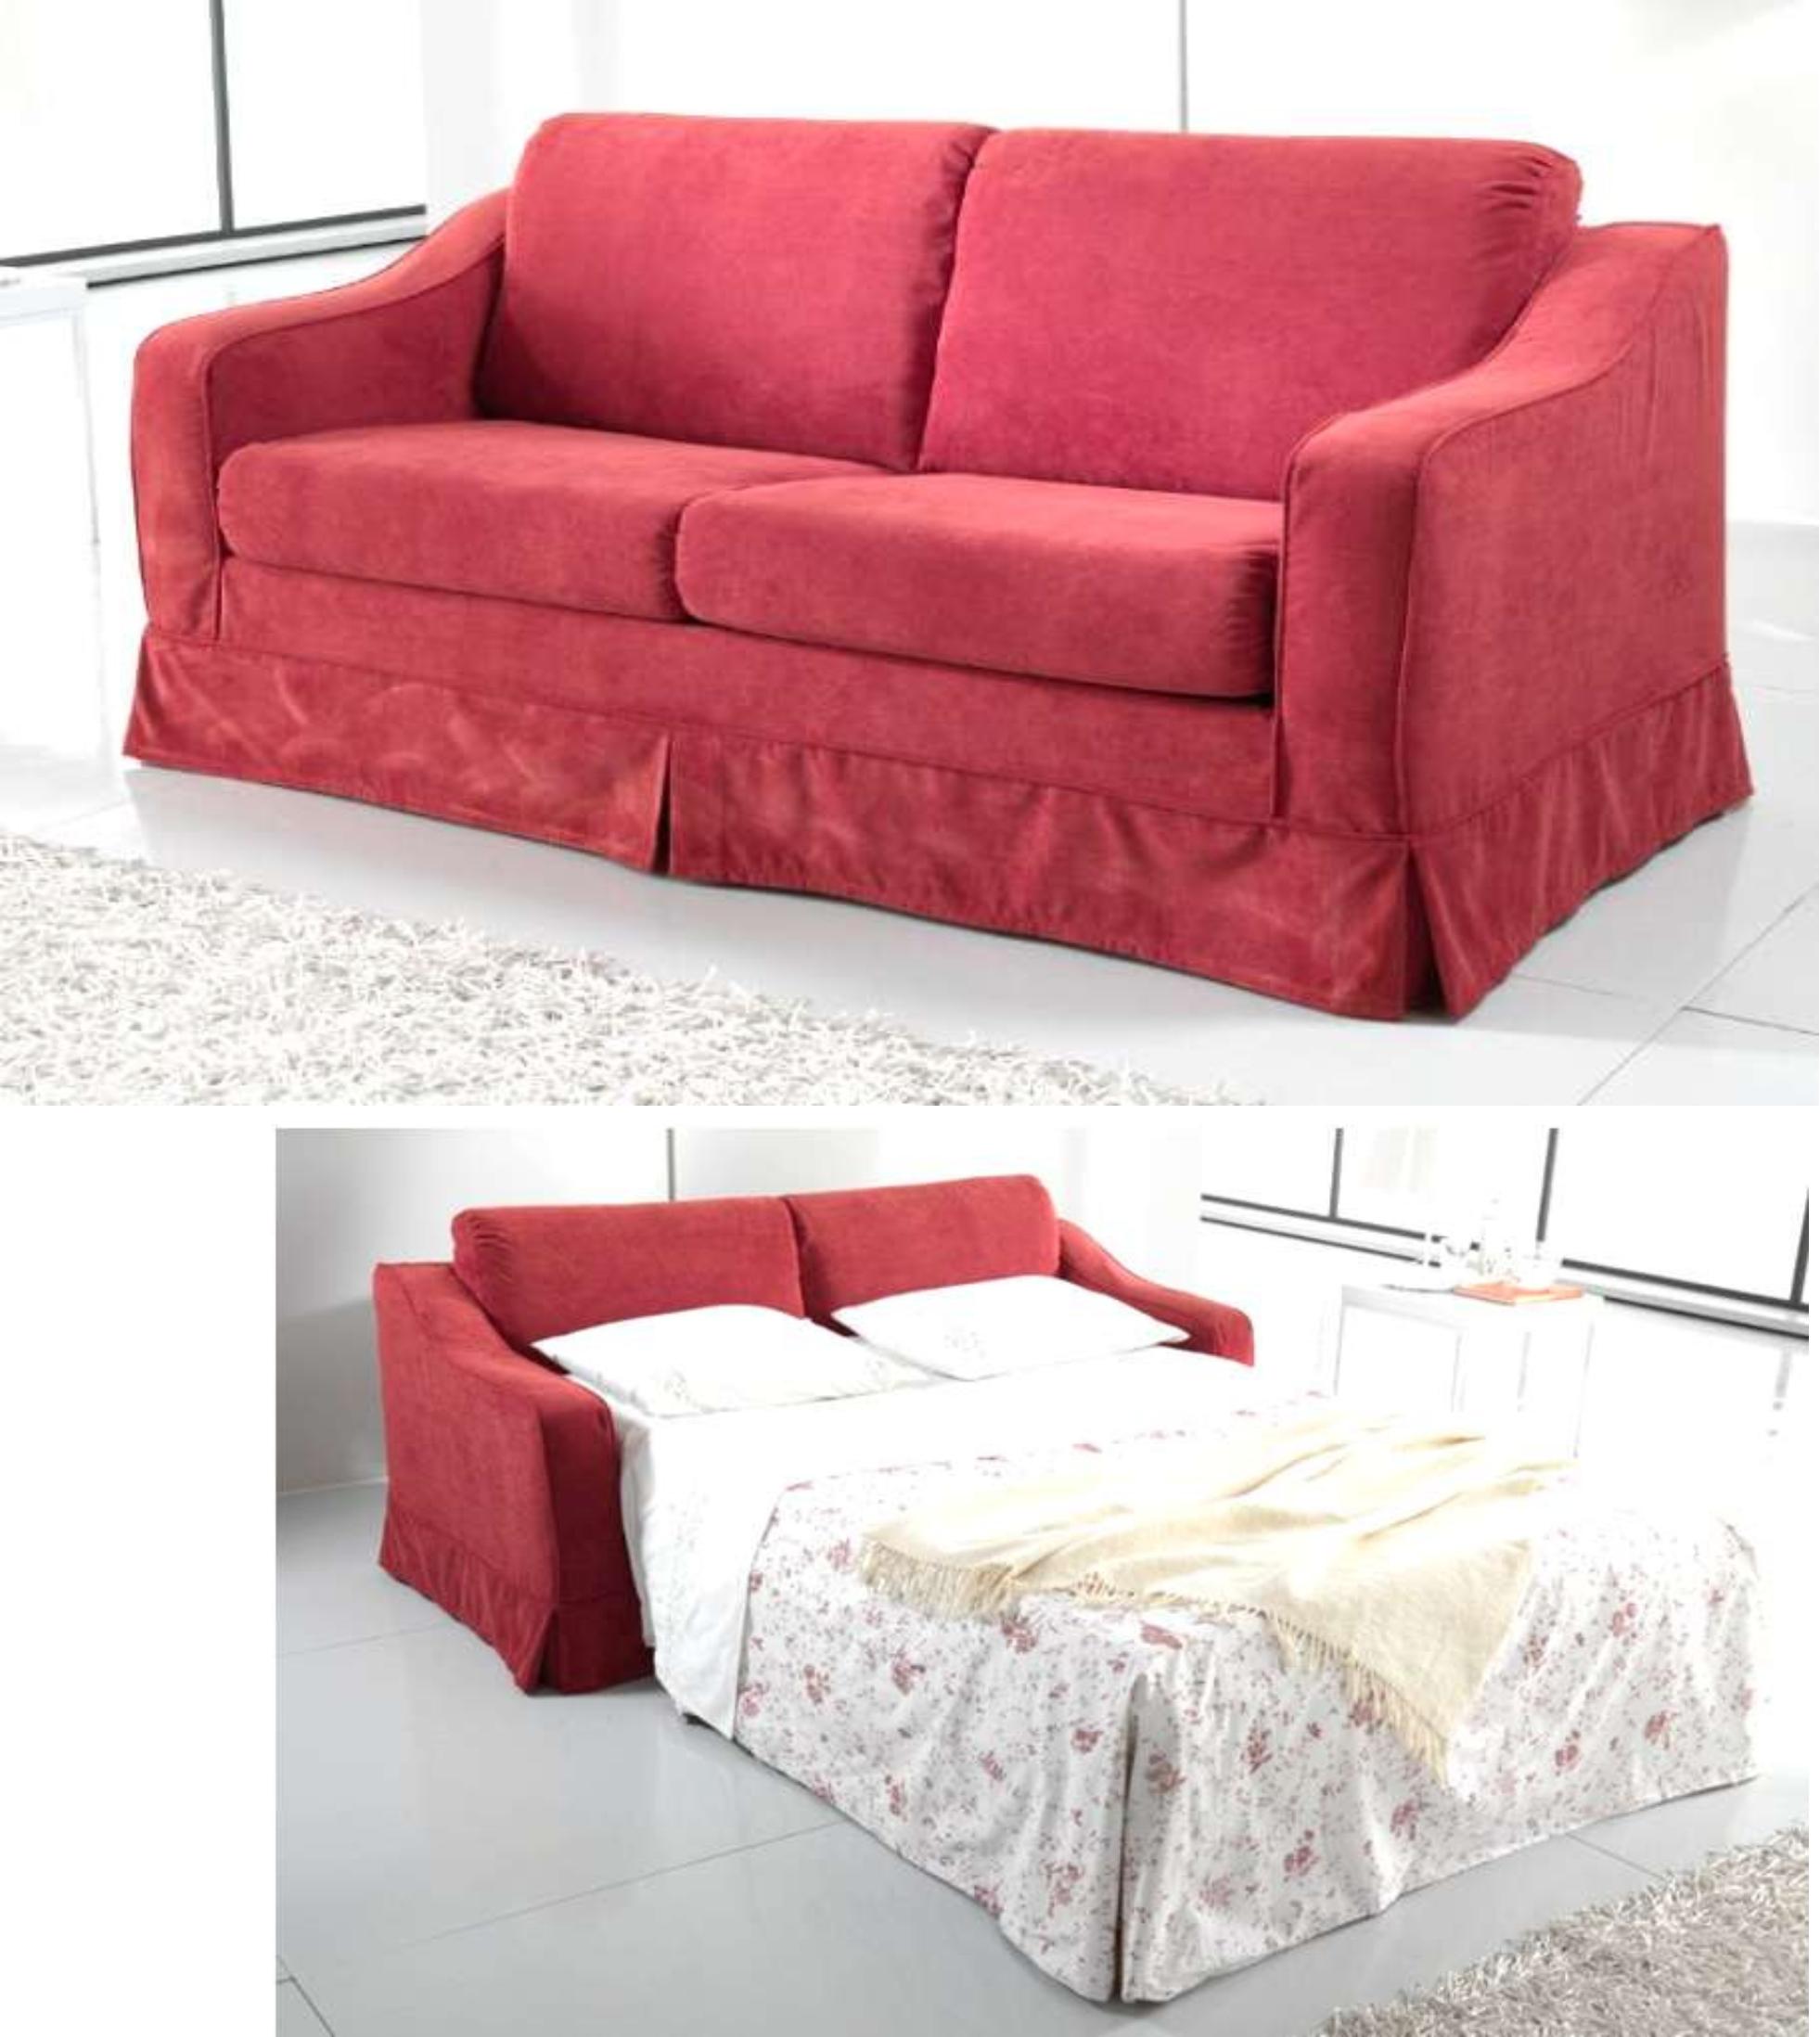 Promozione divani letto stunning offerta divani confalone for Confalone divani letto